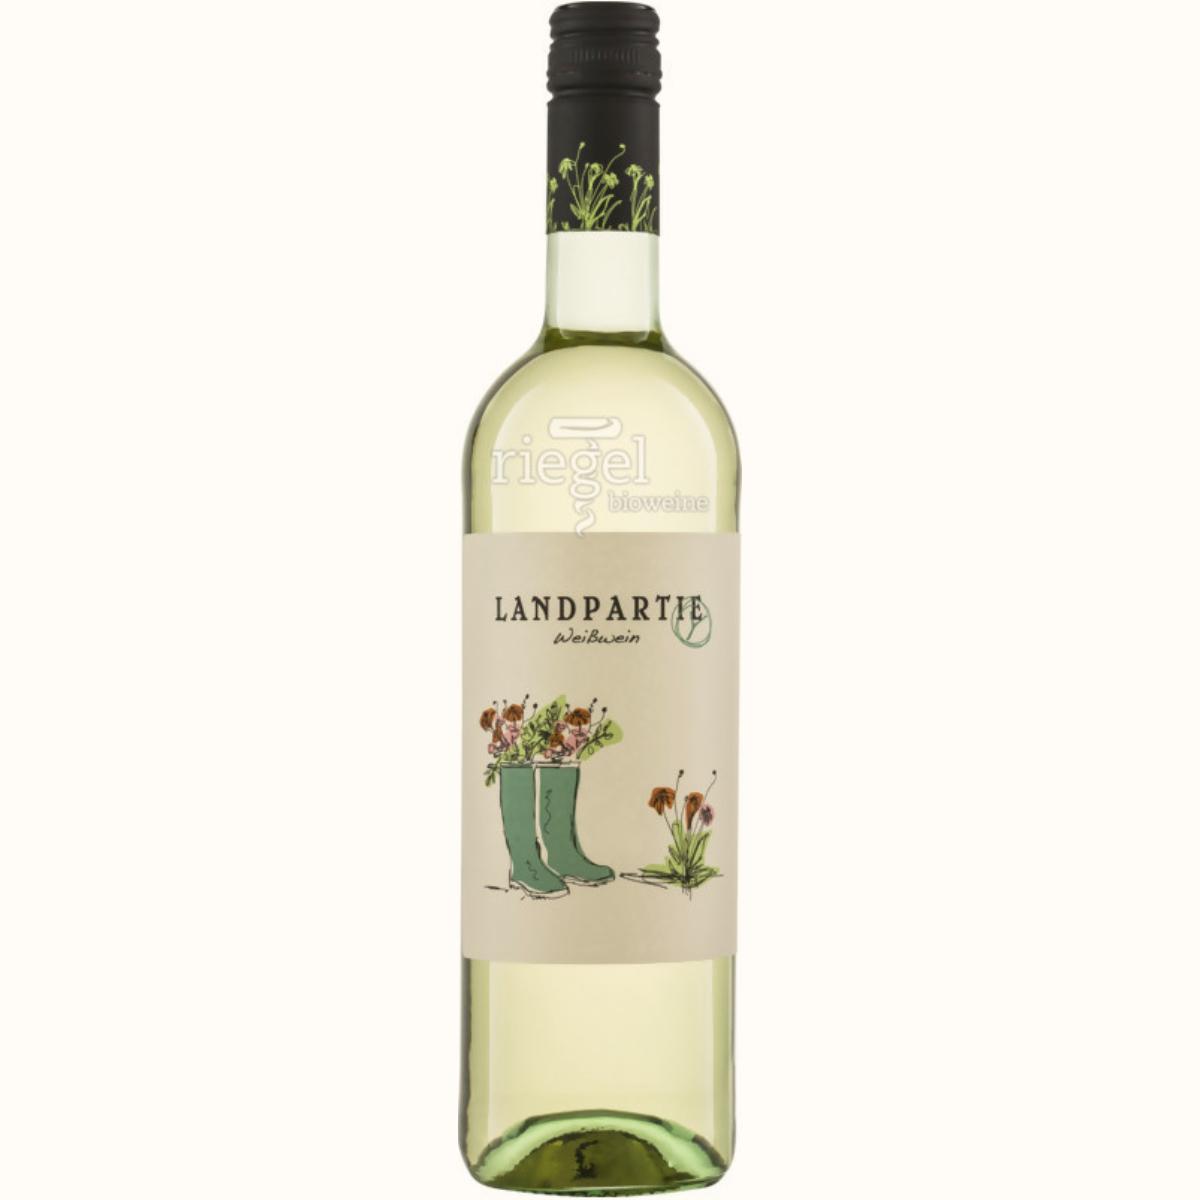 Landpartie Weißwein, Biowein, Riegel Biowein, Wein kaufen